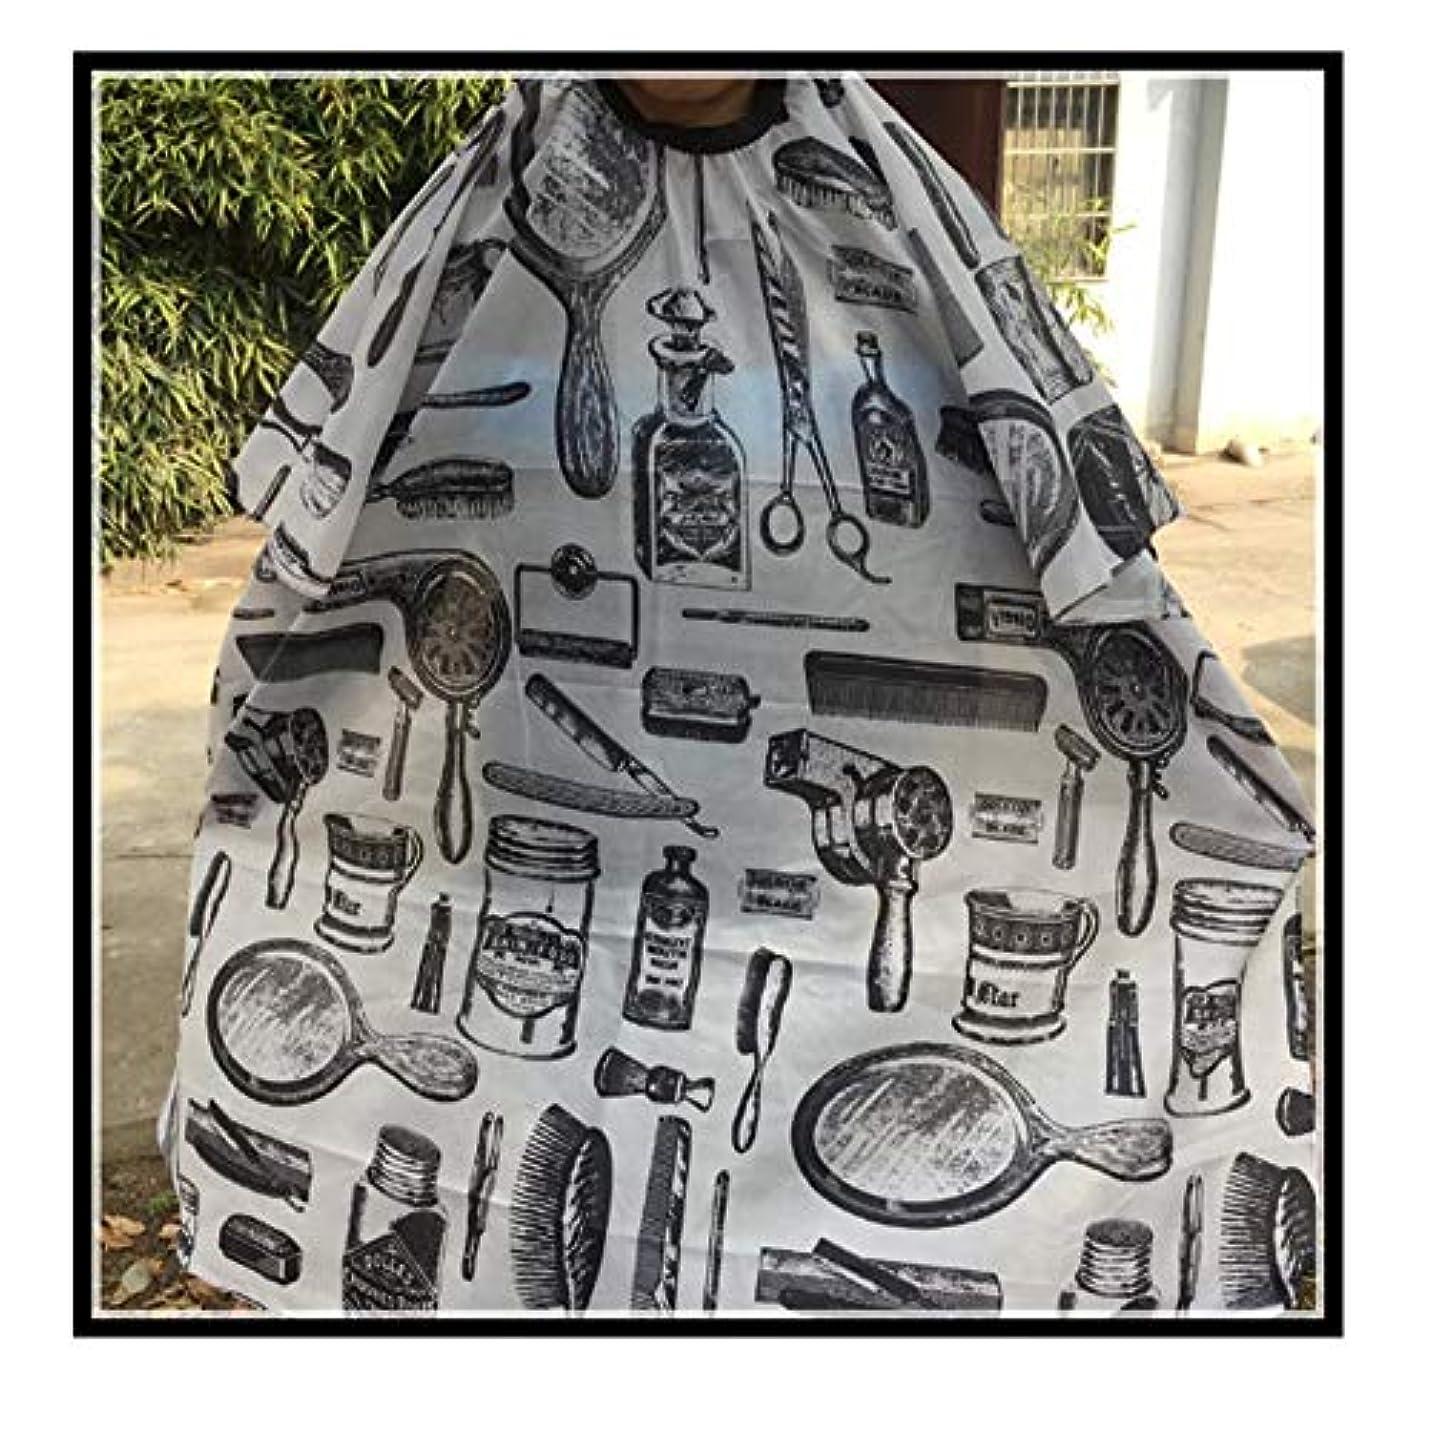 放射性ハンサムナイトスポットPichidr-JP 理髪店および美容室のための毛の切断の理髪師/大広間のケープガウンのエプロンの専門の防水ケープ美容院(パターンと白)